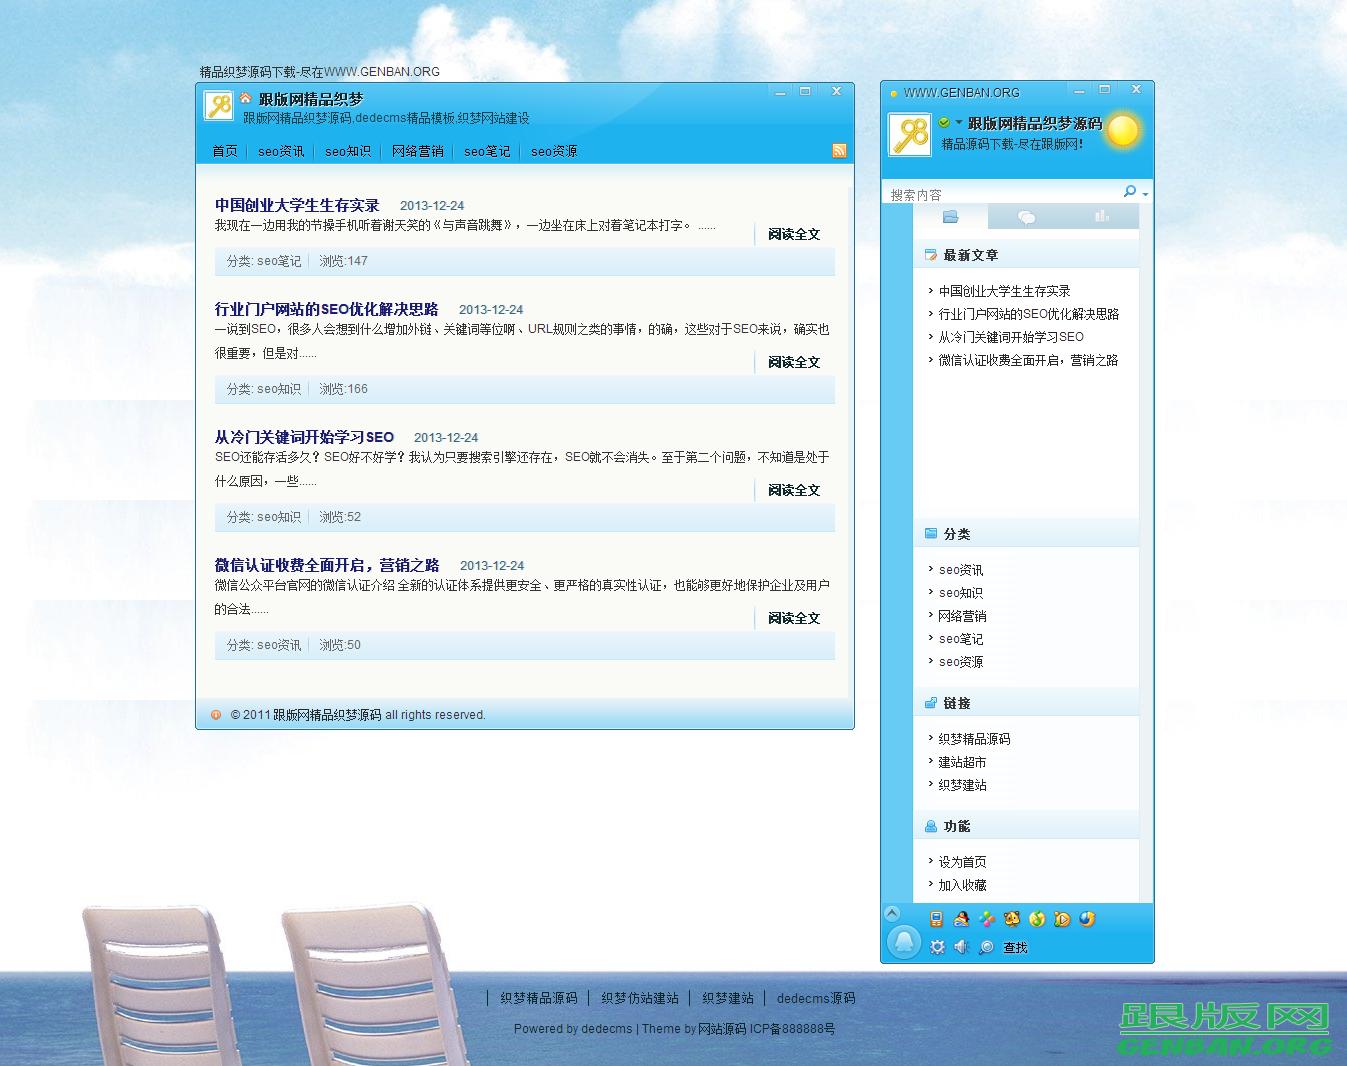 蓝色漂亮风格织梦文章资讯网站-Q